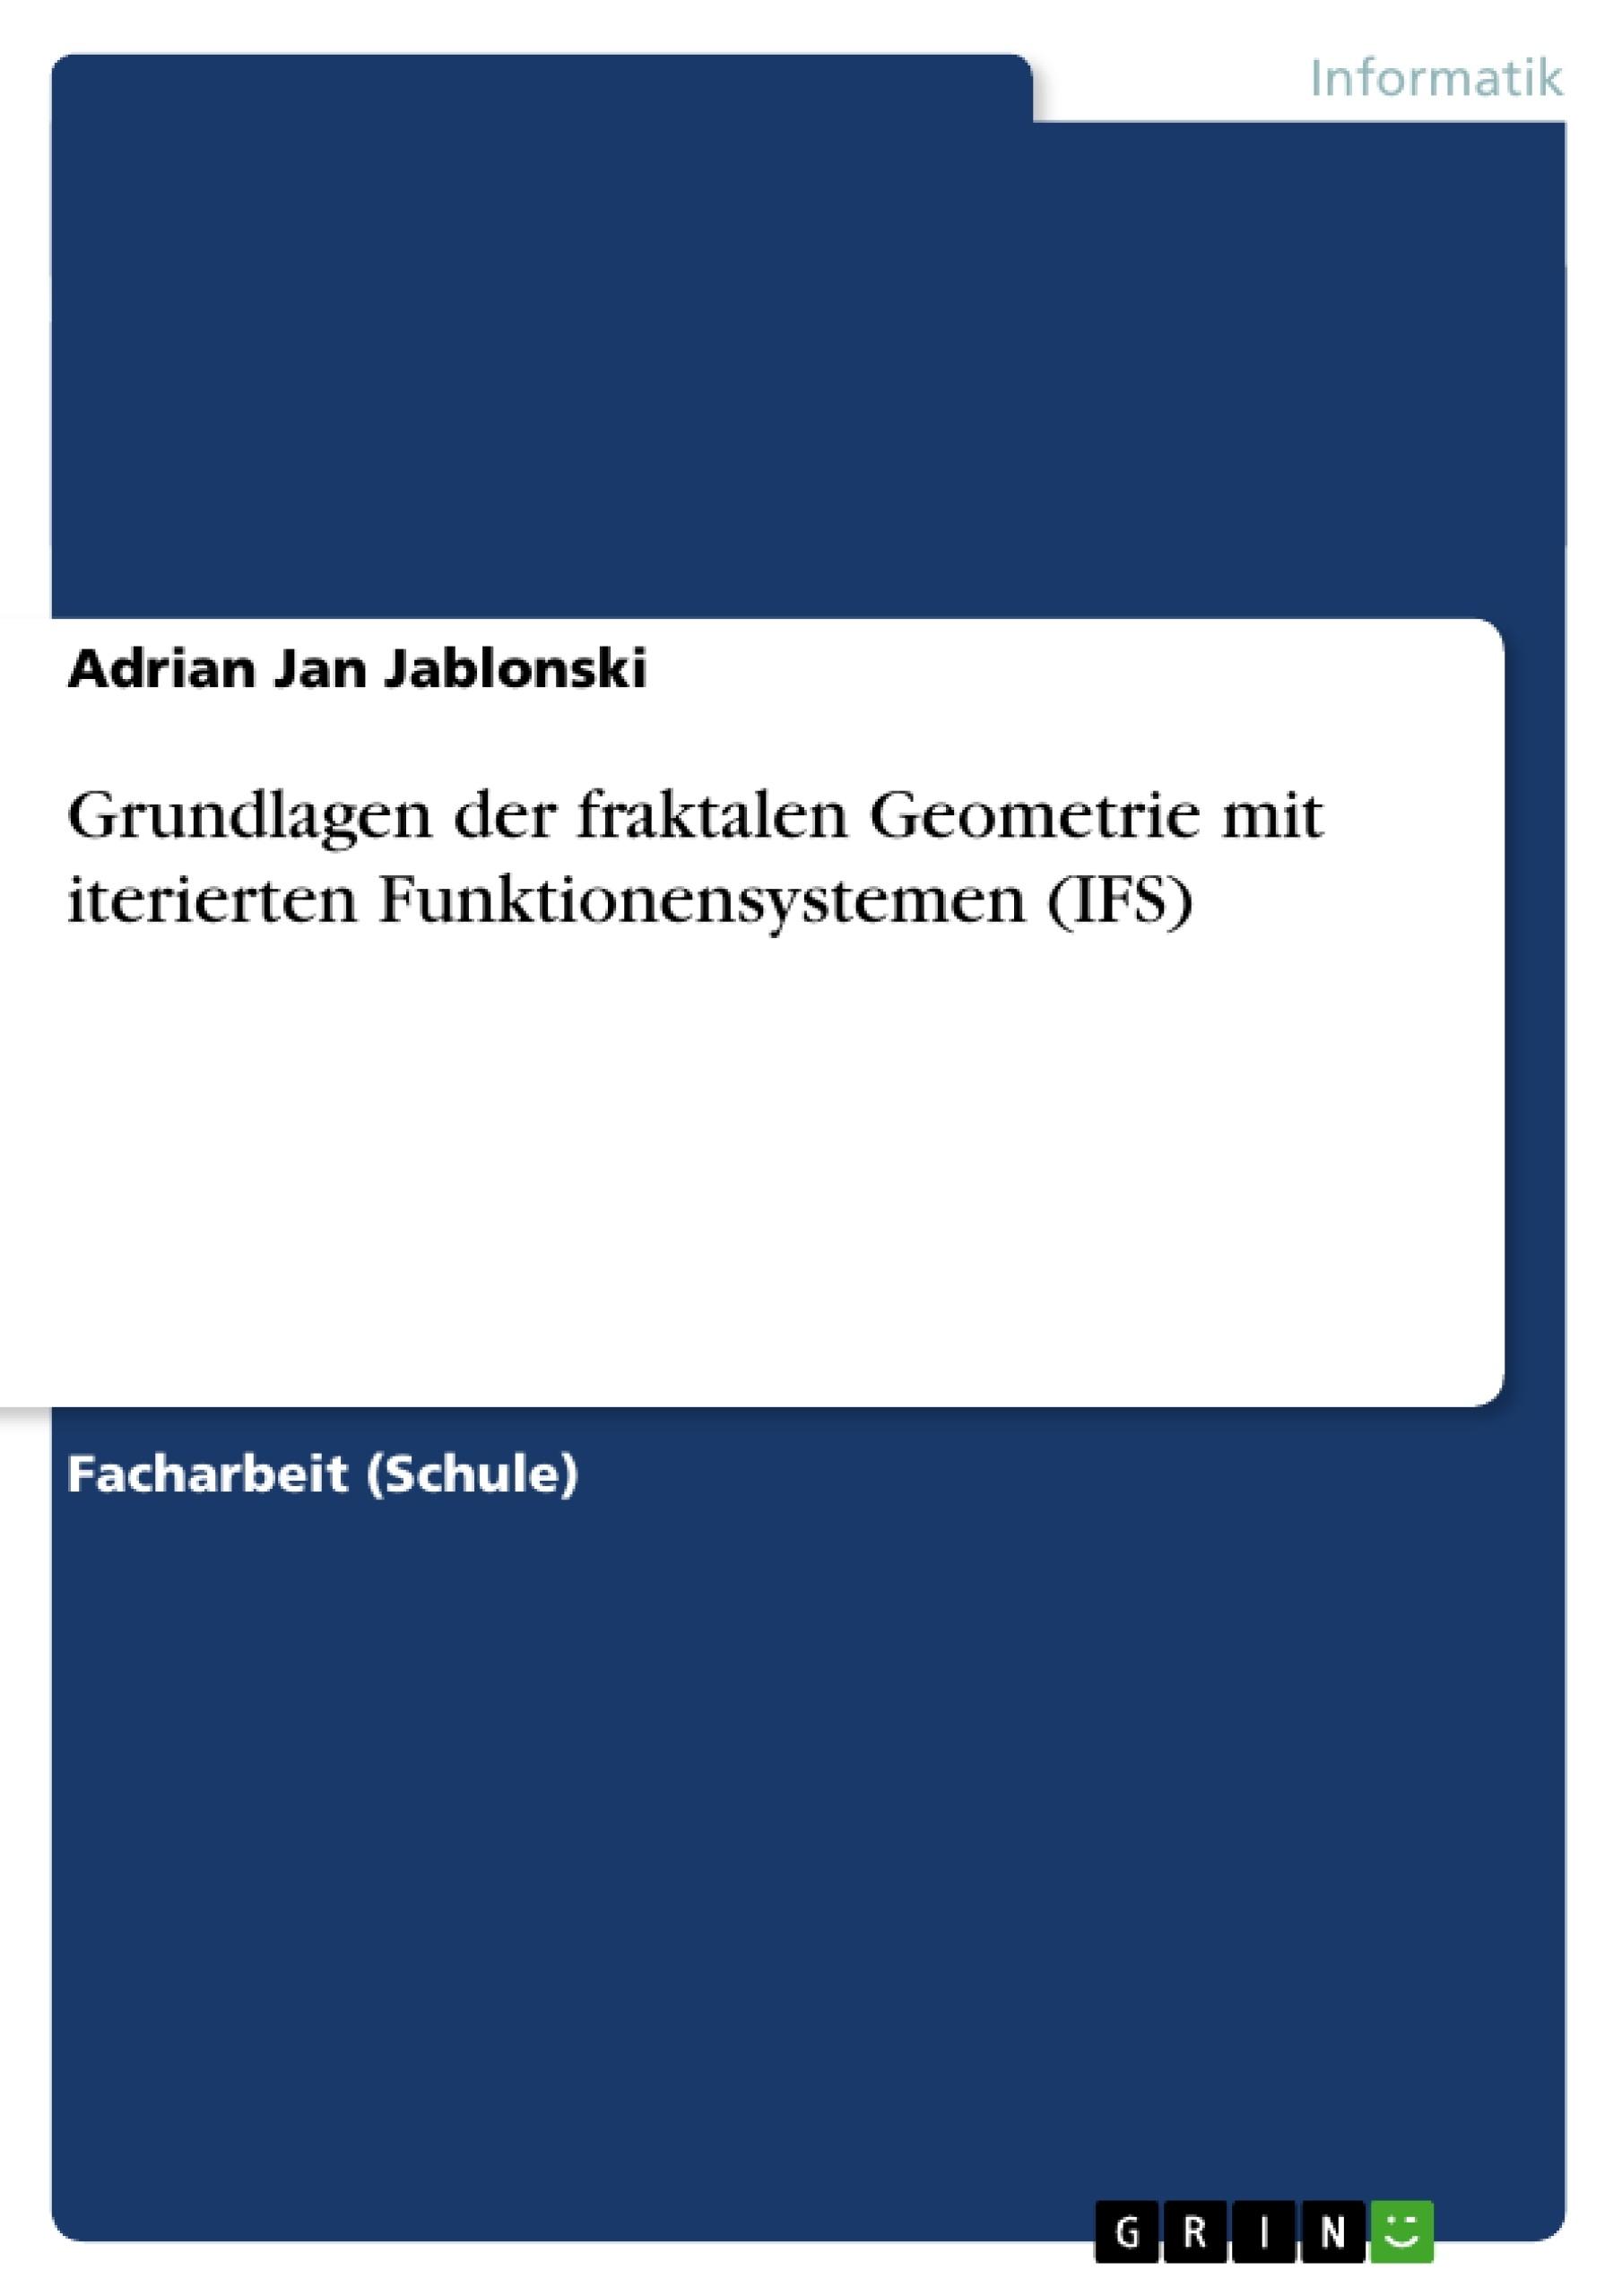 Titel: Grundlagen der fraktalen Geometrie mit iterierten Funktionensystemen (IFS)